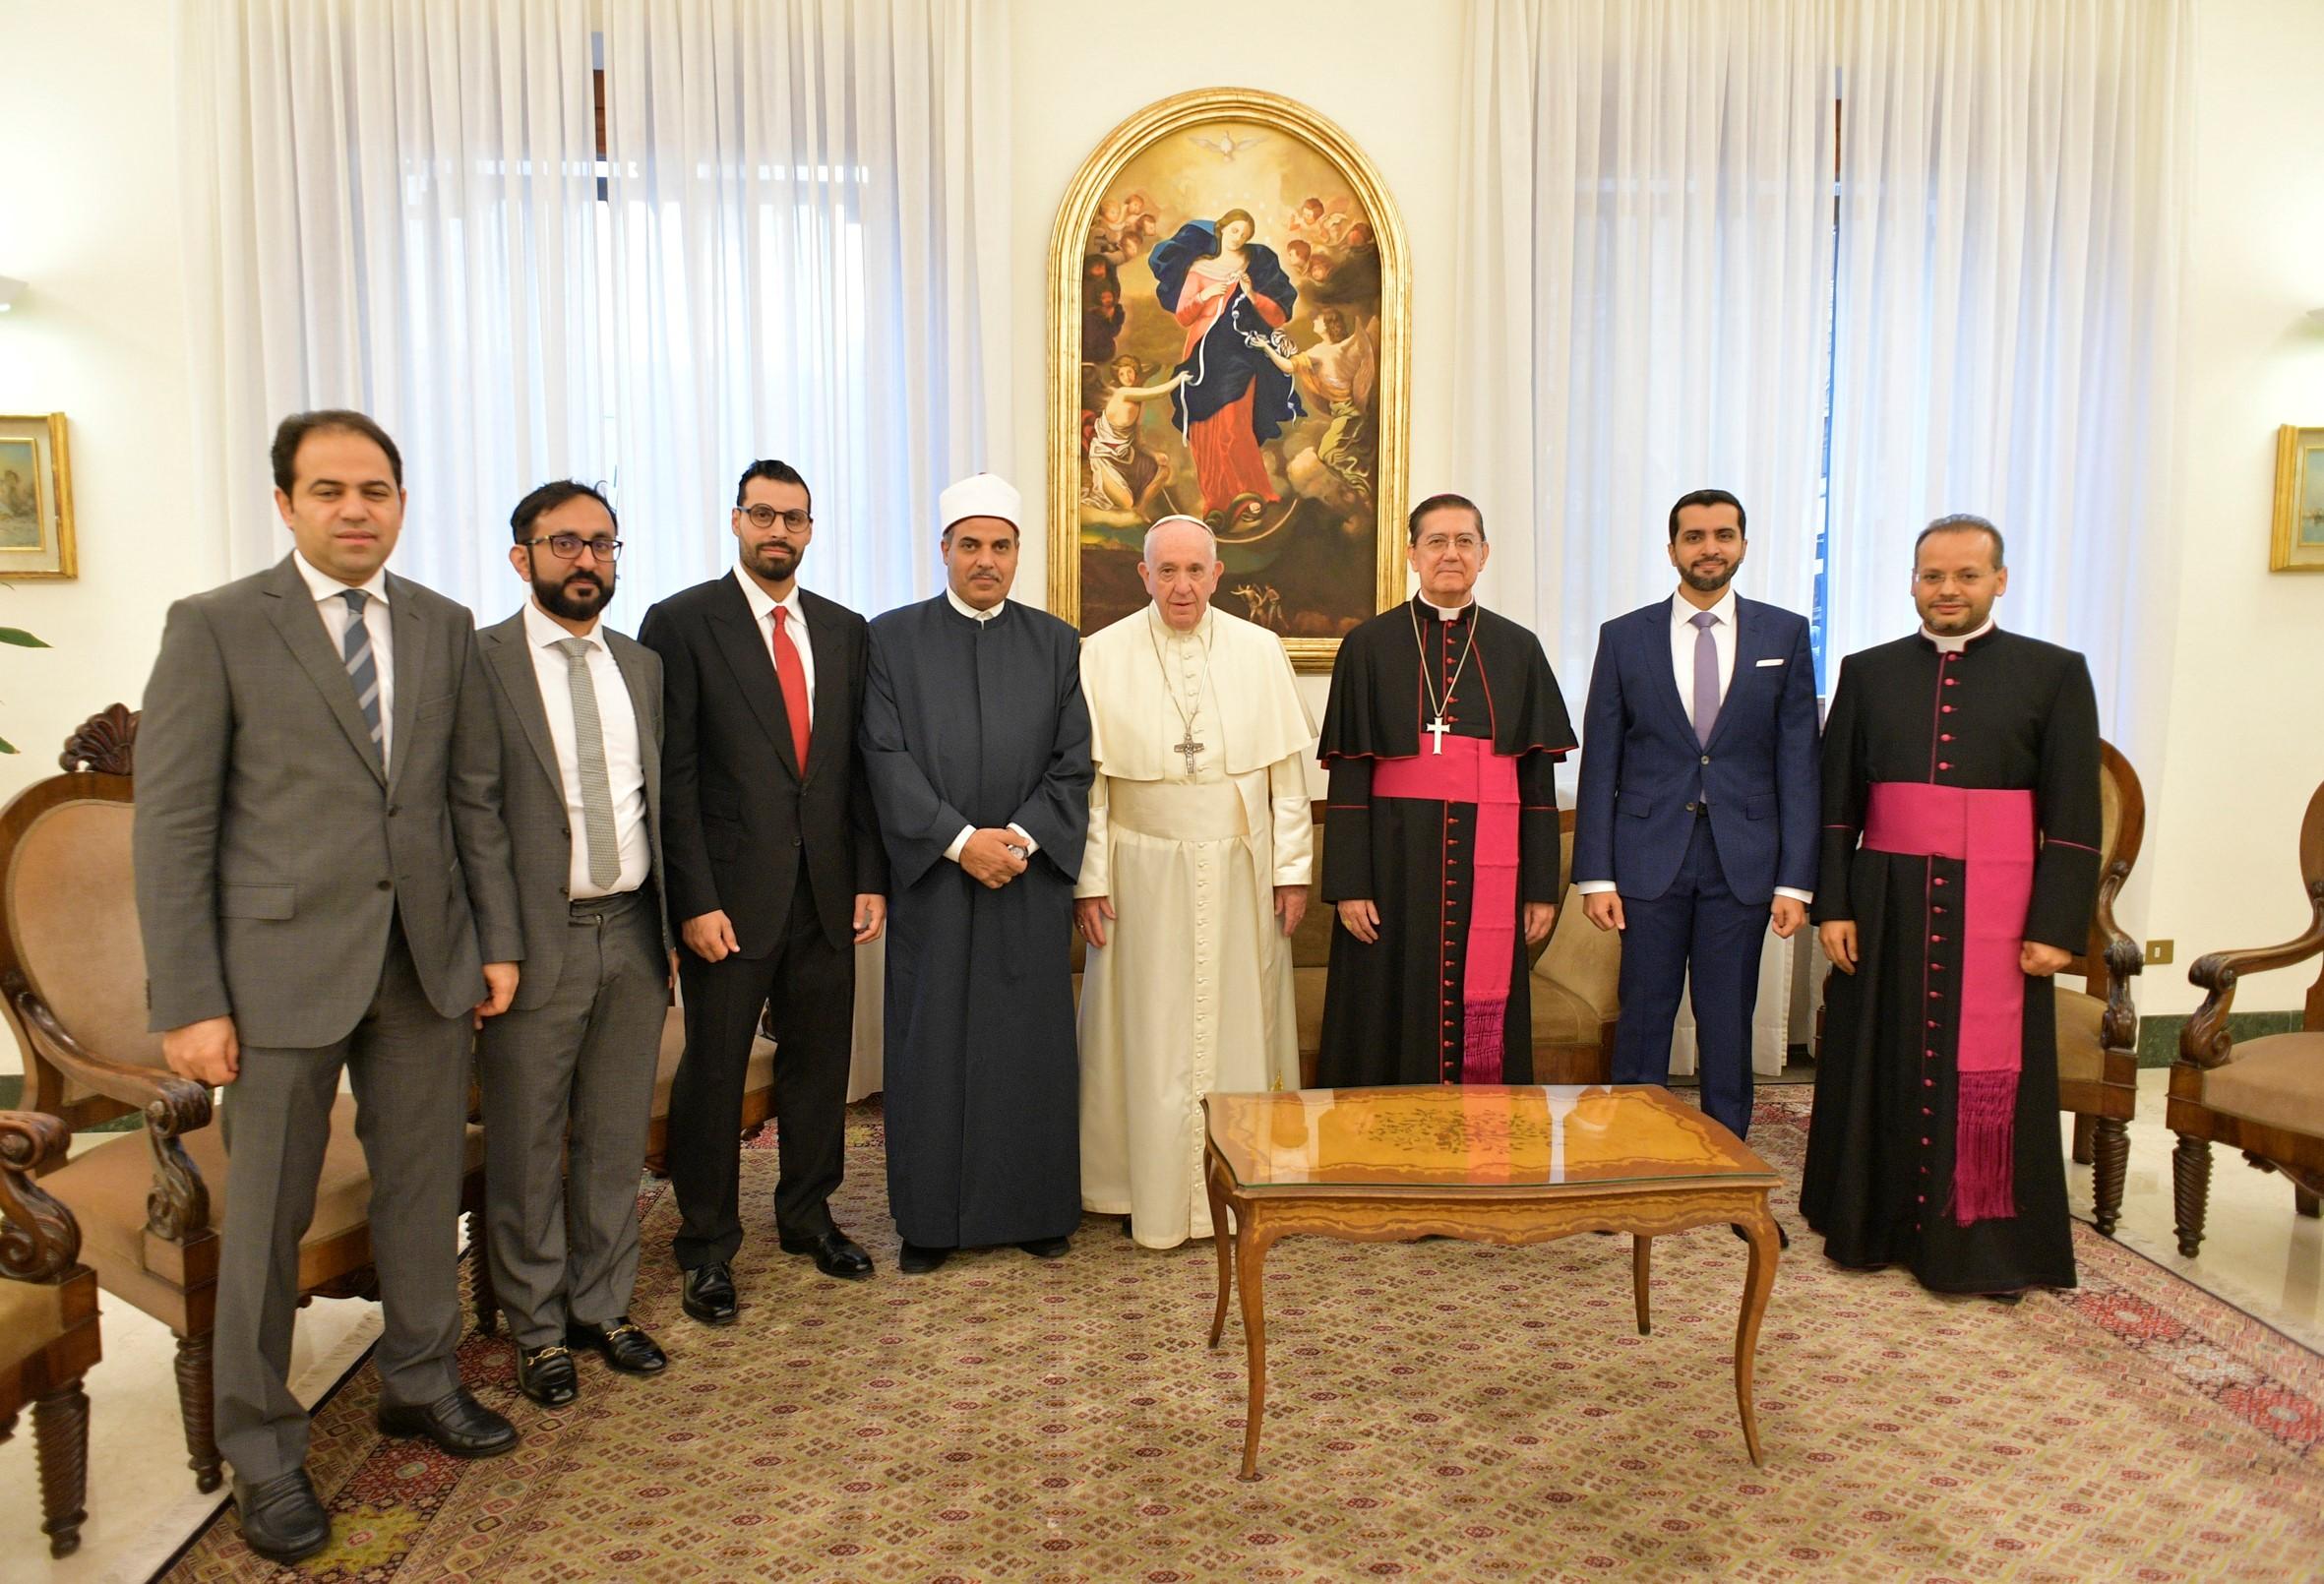 اللجنة العليا للأخوة الإنسانية تعقد اجتماعها الأول